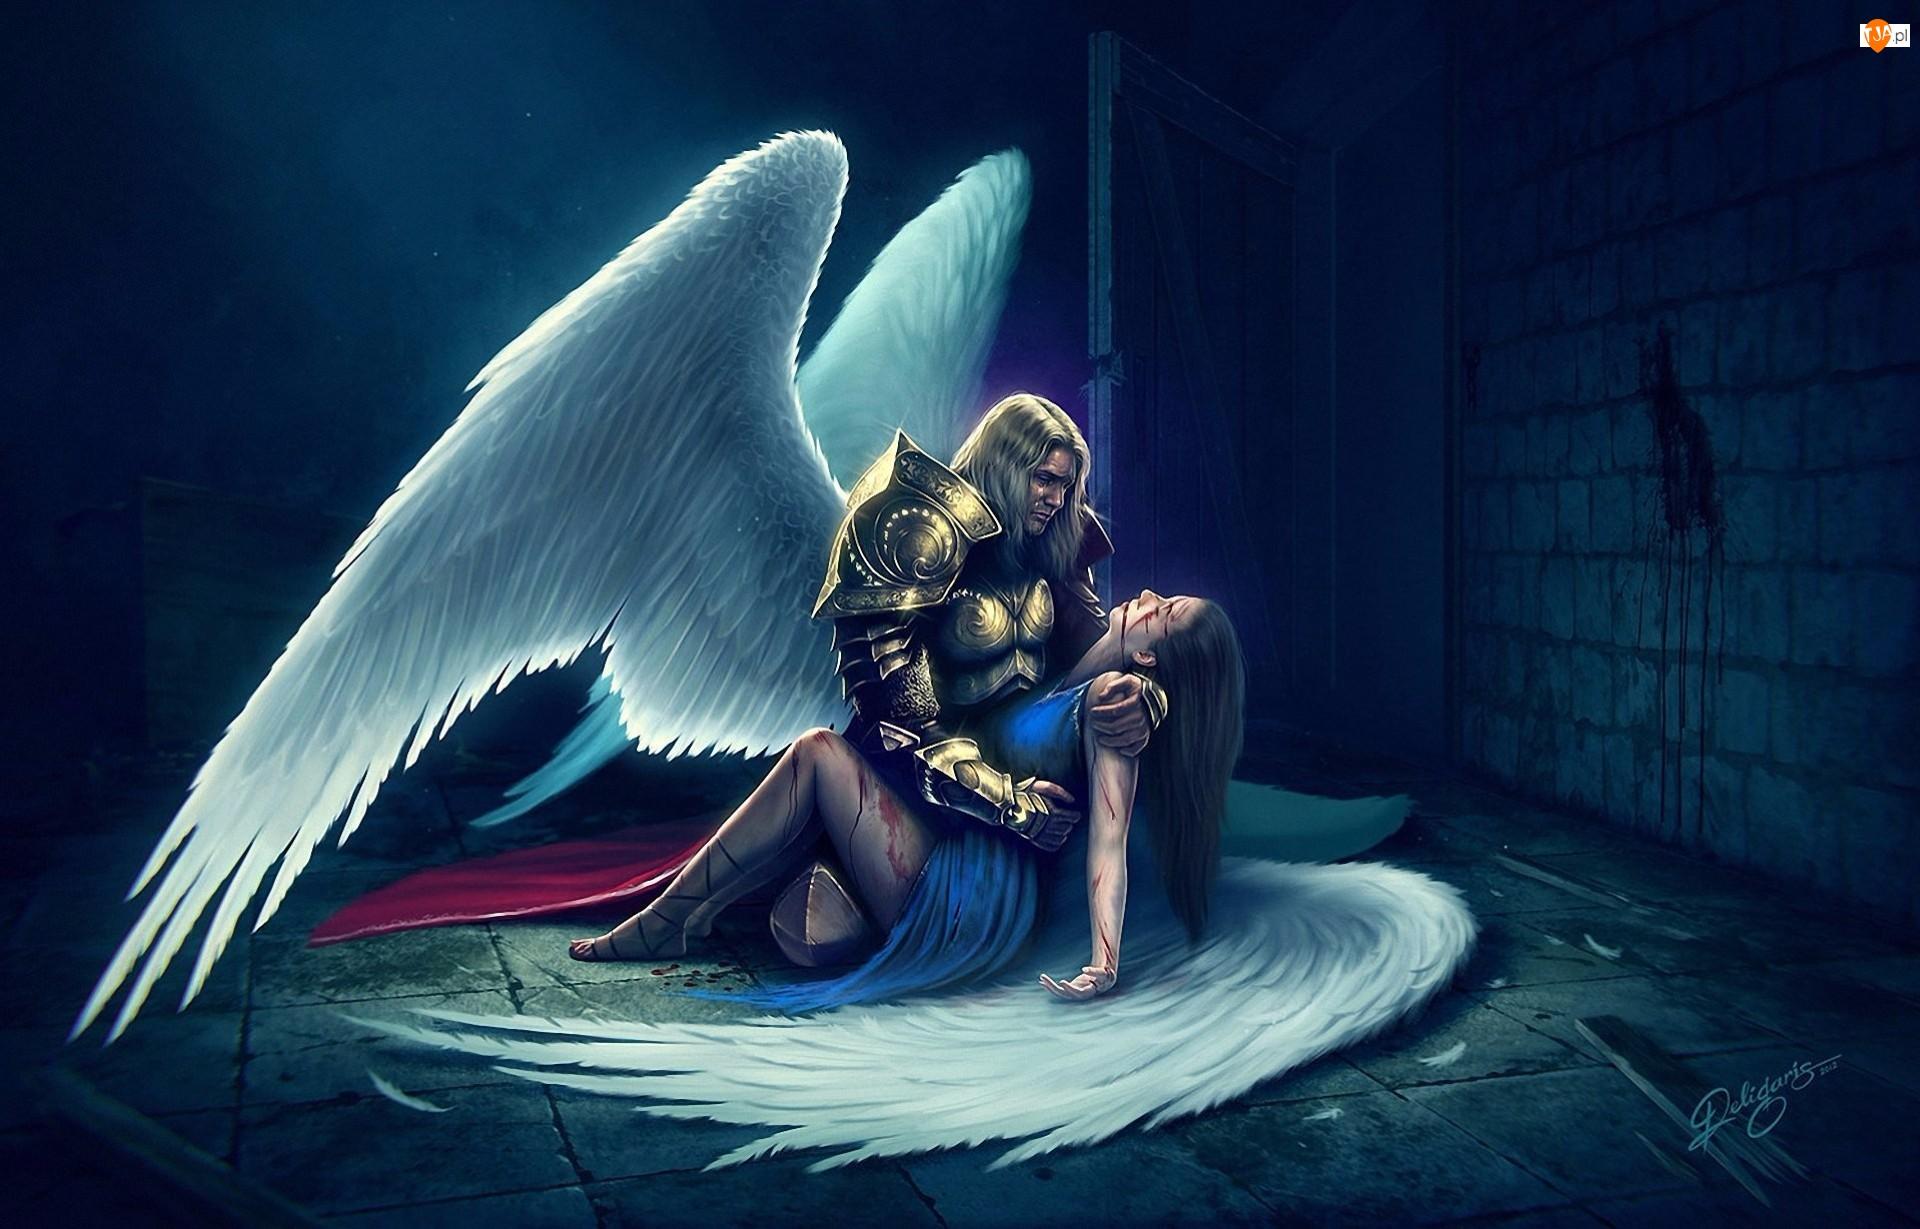 Anioły, Krew, Kobieta, Mężczyzna